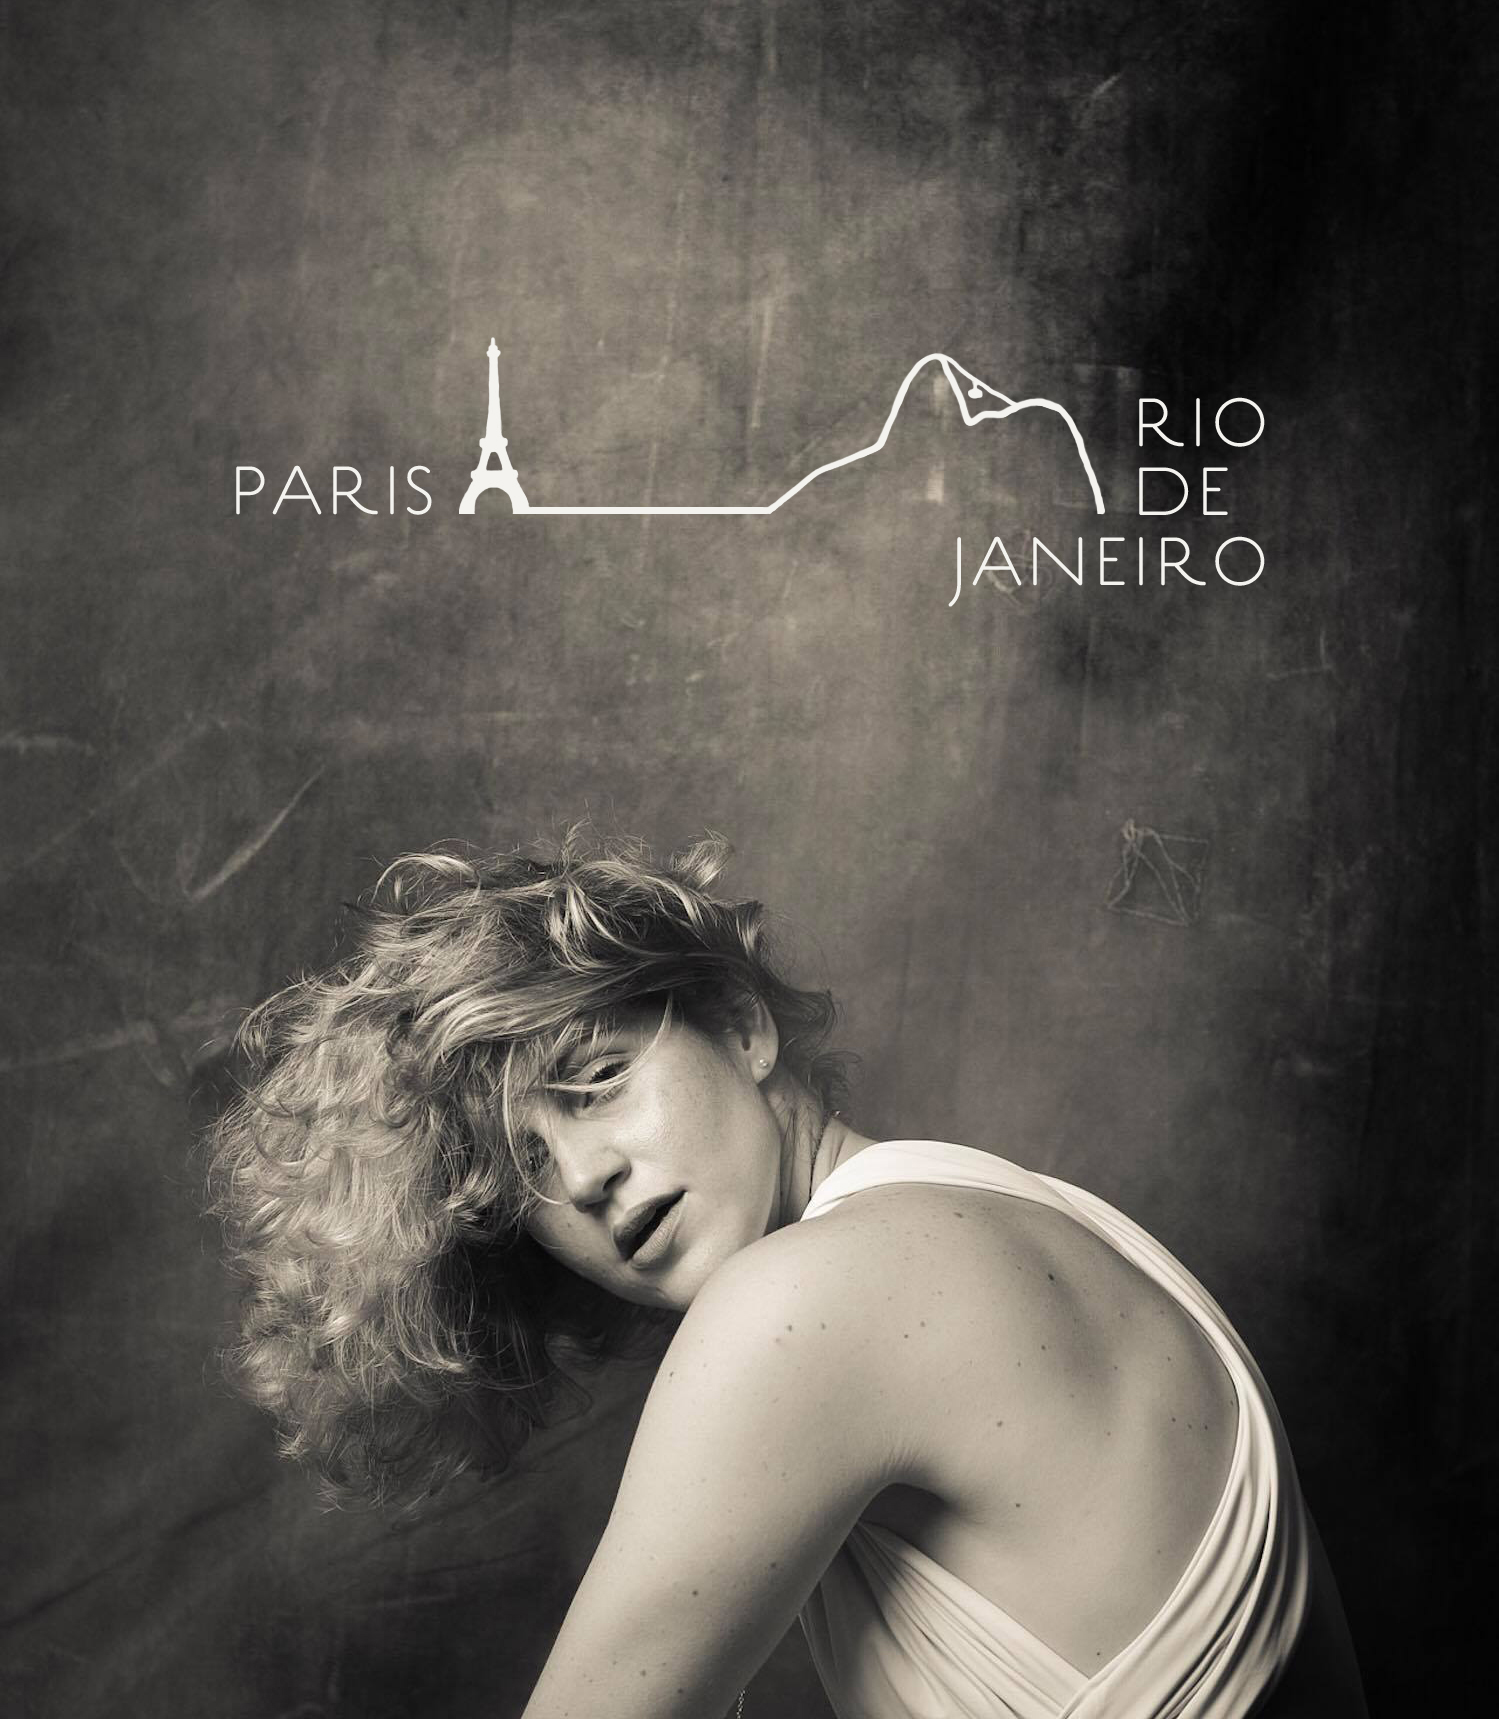 Portrait par Jorge Bispo — Rio de Janeiro, BRÉSIL — 2017